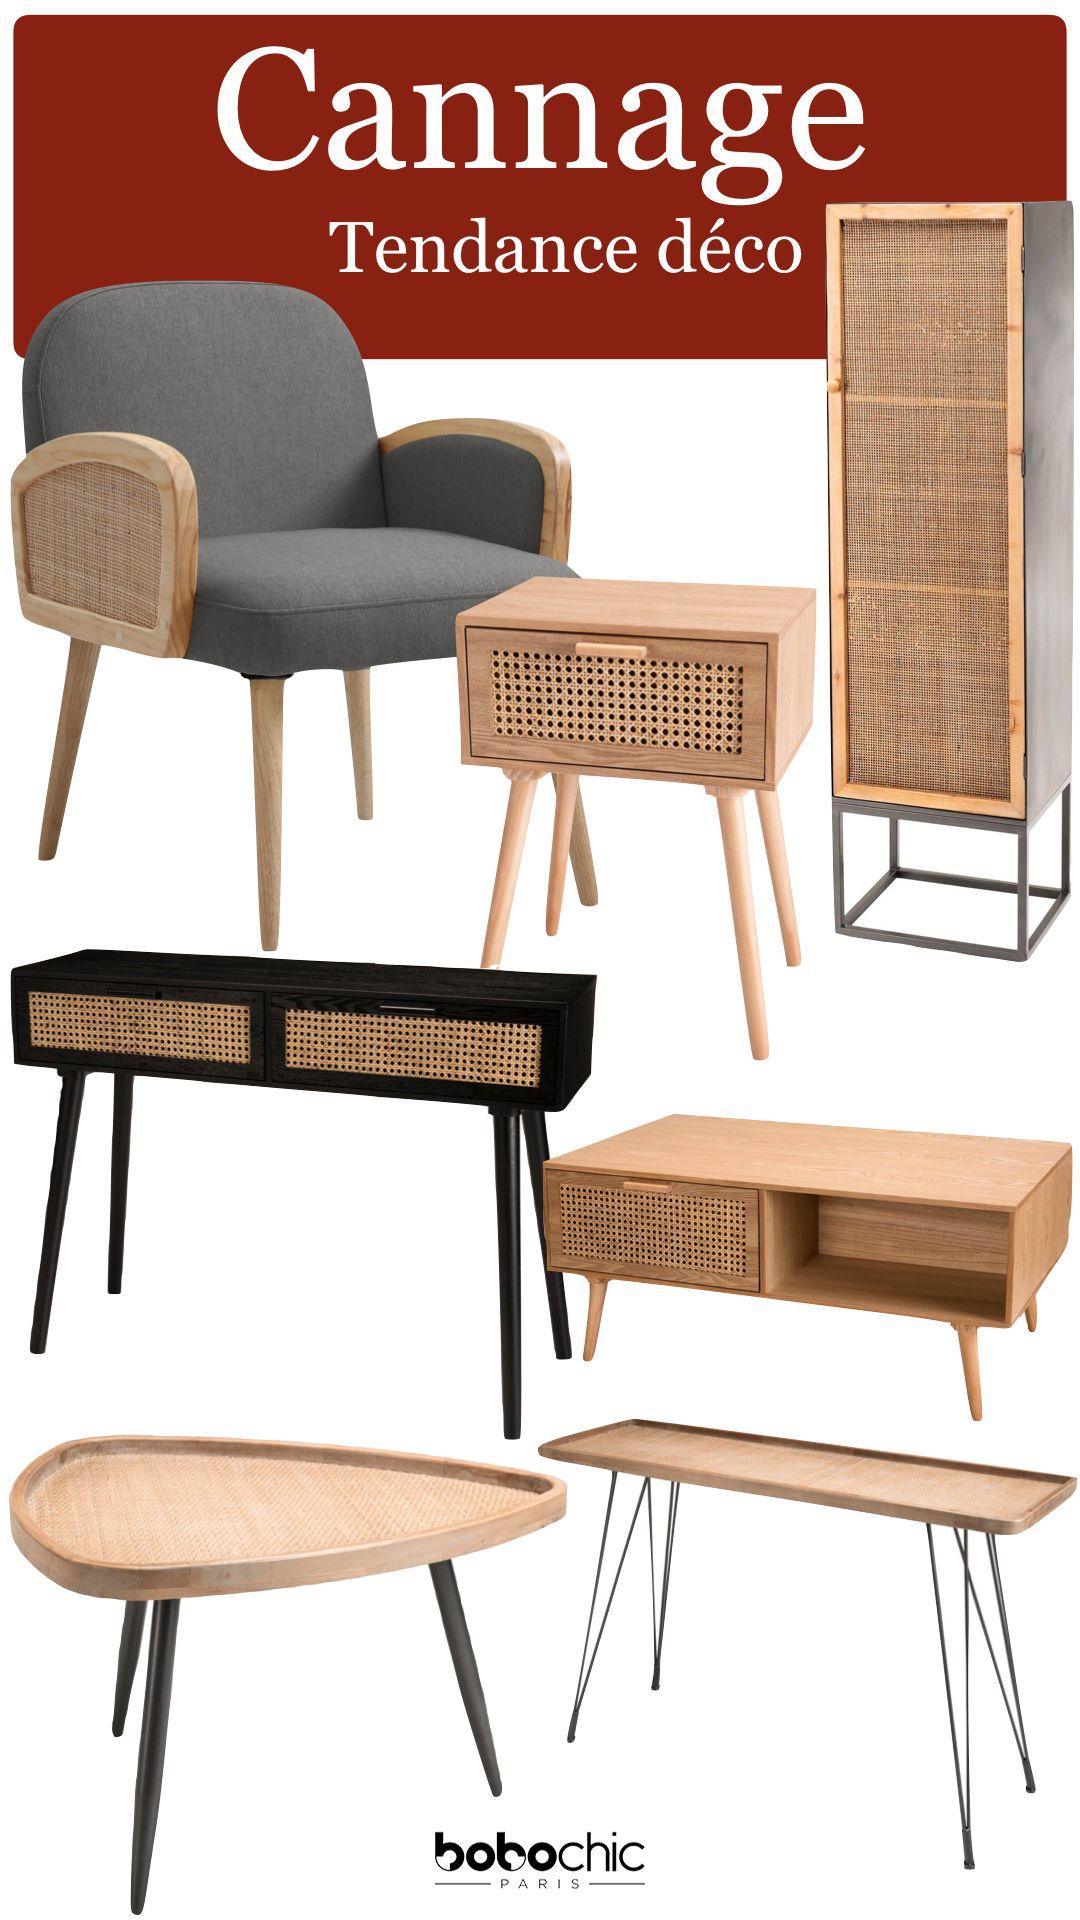 Tendance Deco Cannage Mobilier Moderne Meuble Salon Bobochic Table Basse Gueridon Meuble Tv Bois En 2020 Mobilier De Salon Decoration Interieure Chic Deco